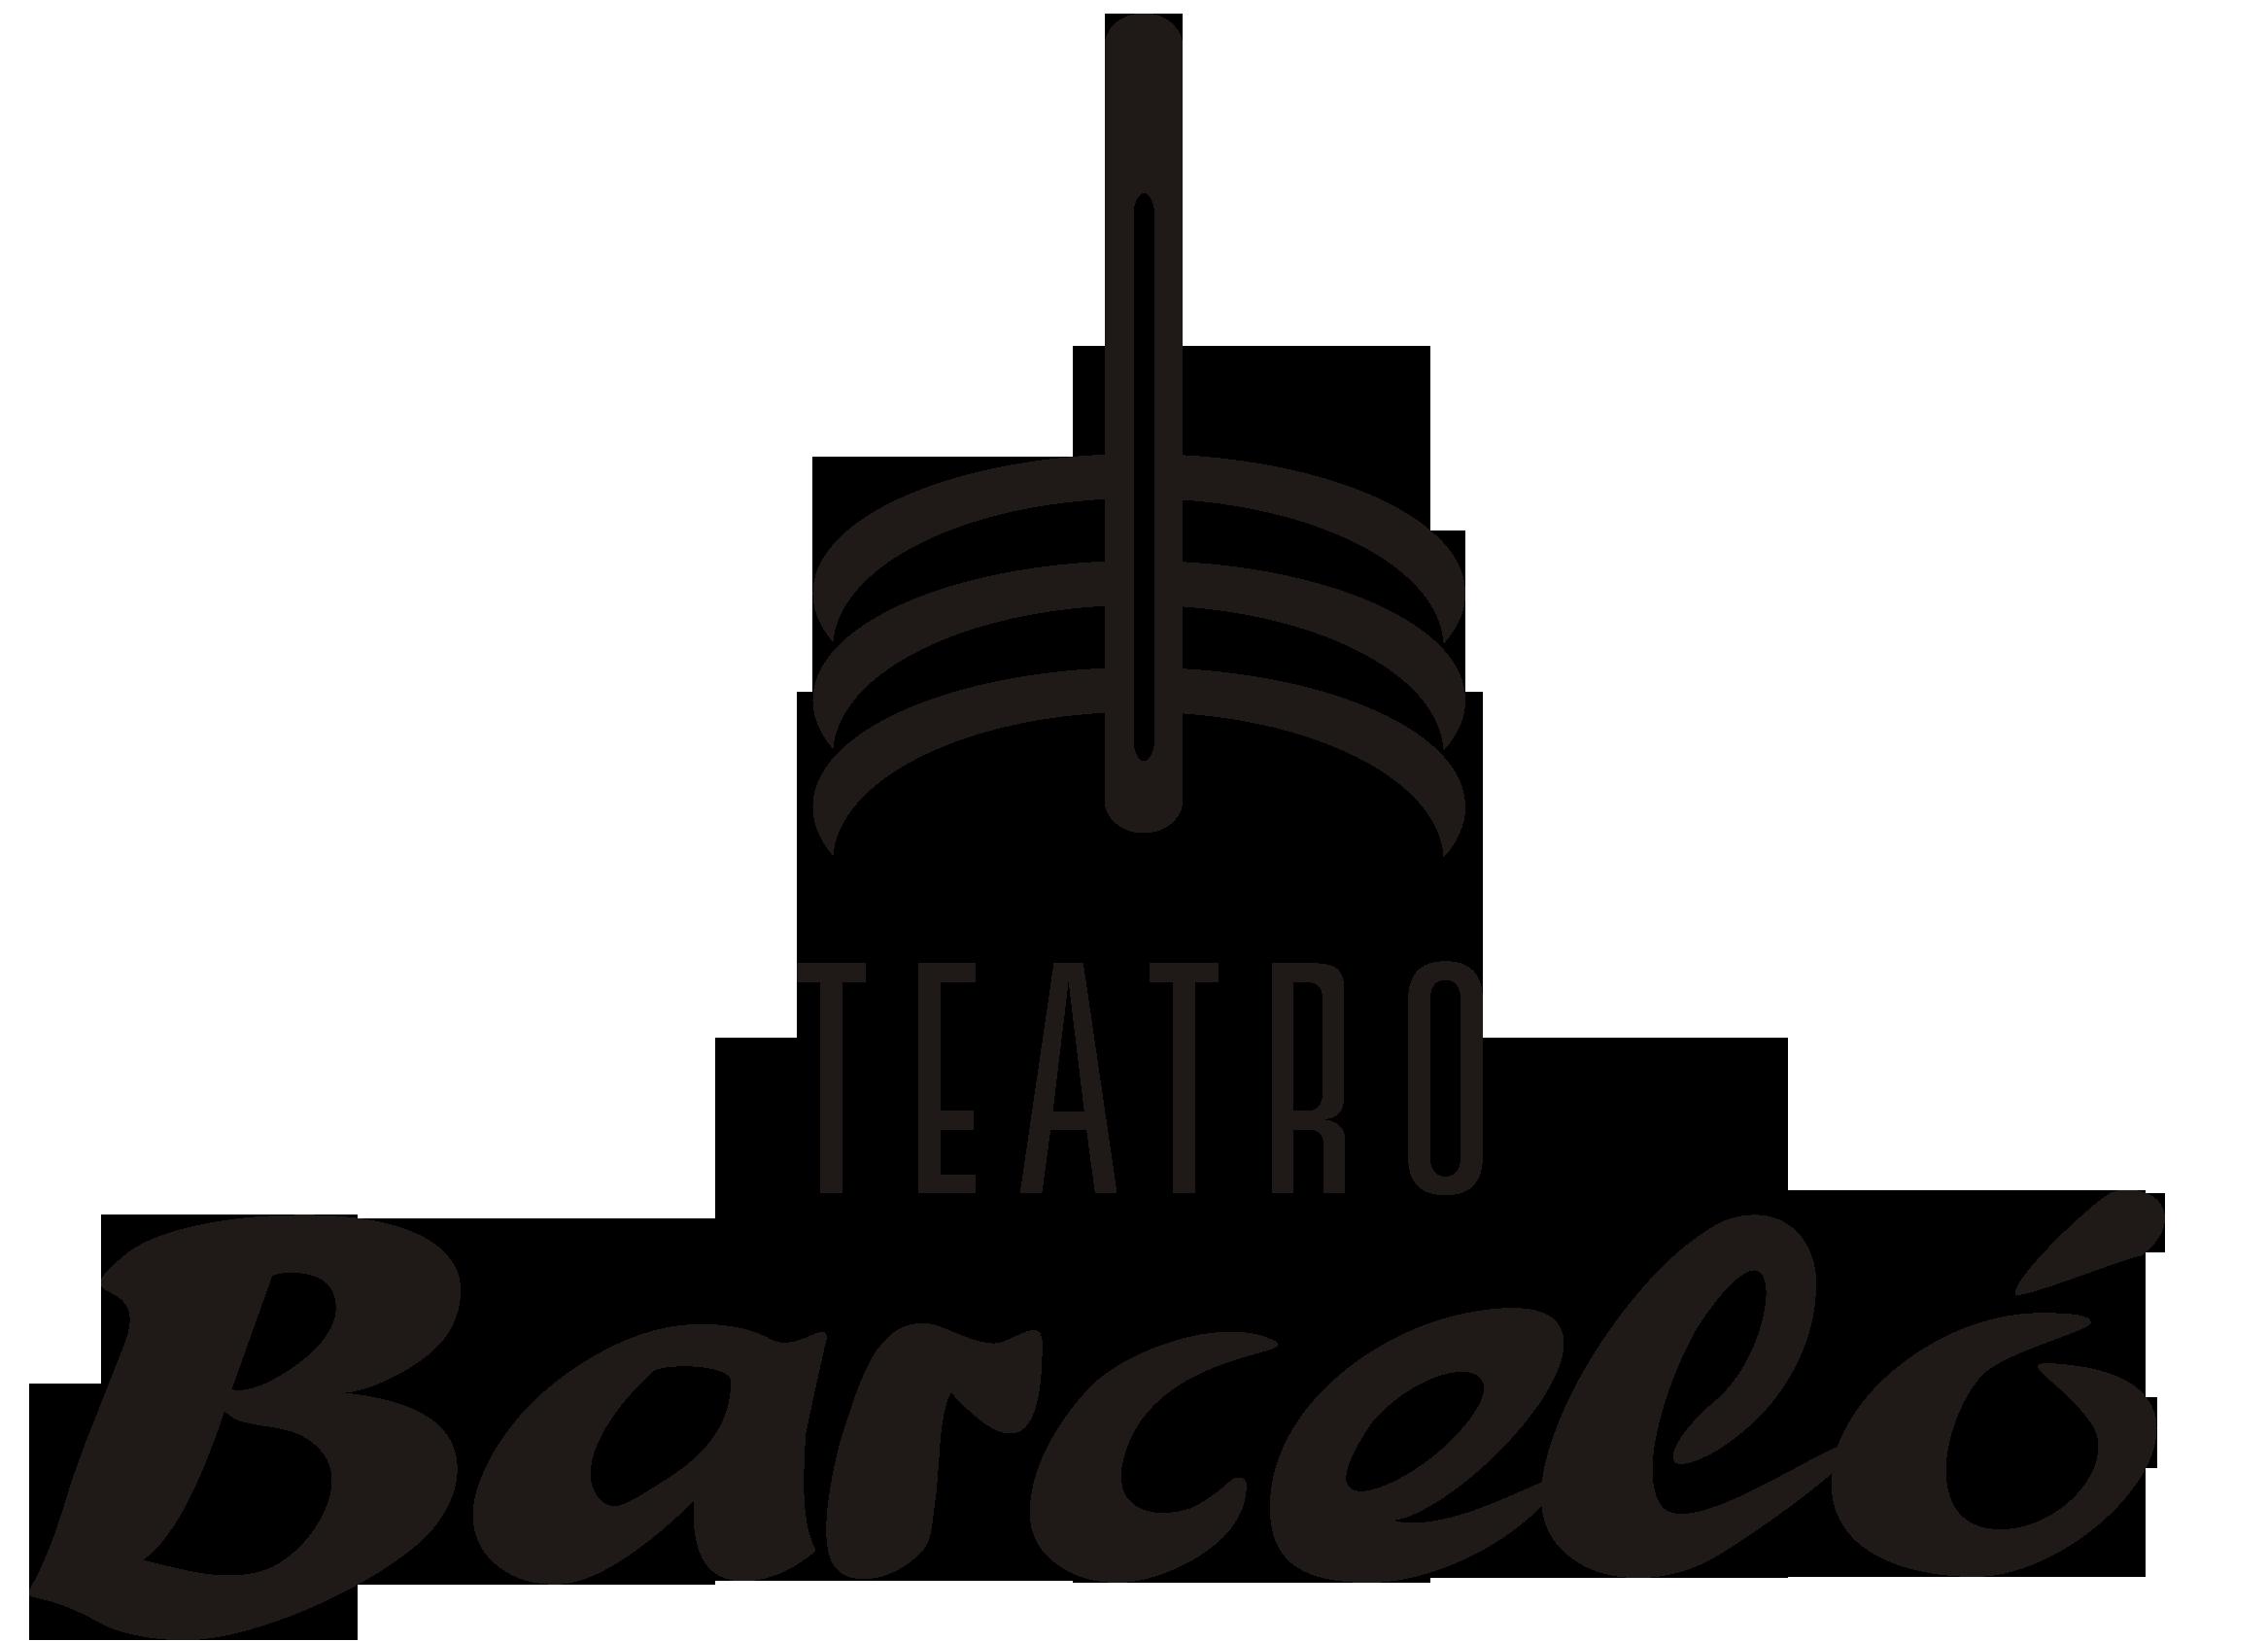 Teatro Barceló ocio nocturno fiesta discoteca noche eventos